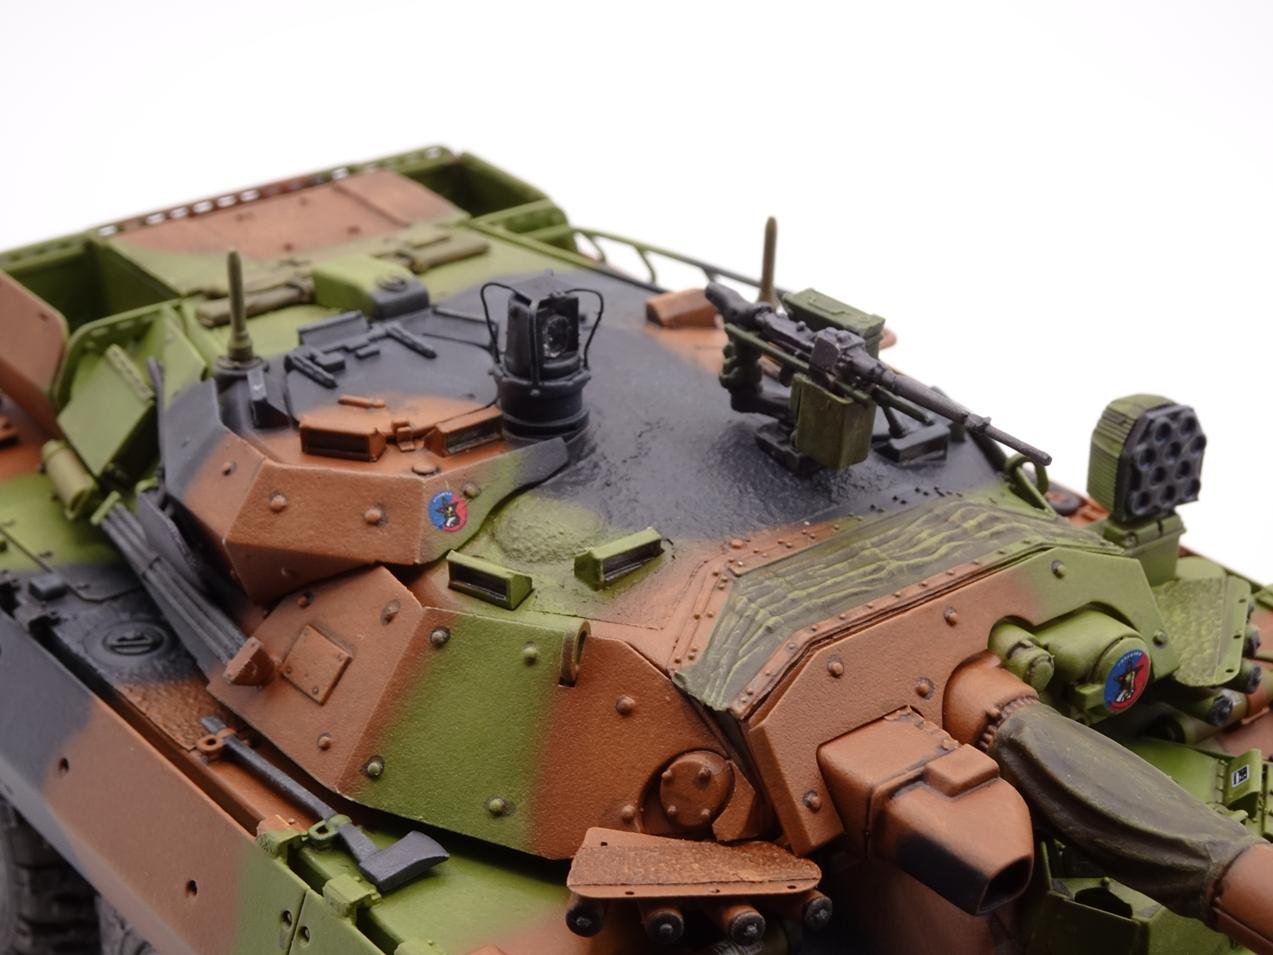 [Tiger Model] AMX-10RCR réf. 4602 - 1/35 - Page 4 Amx10-fin-10